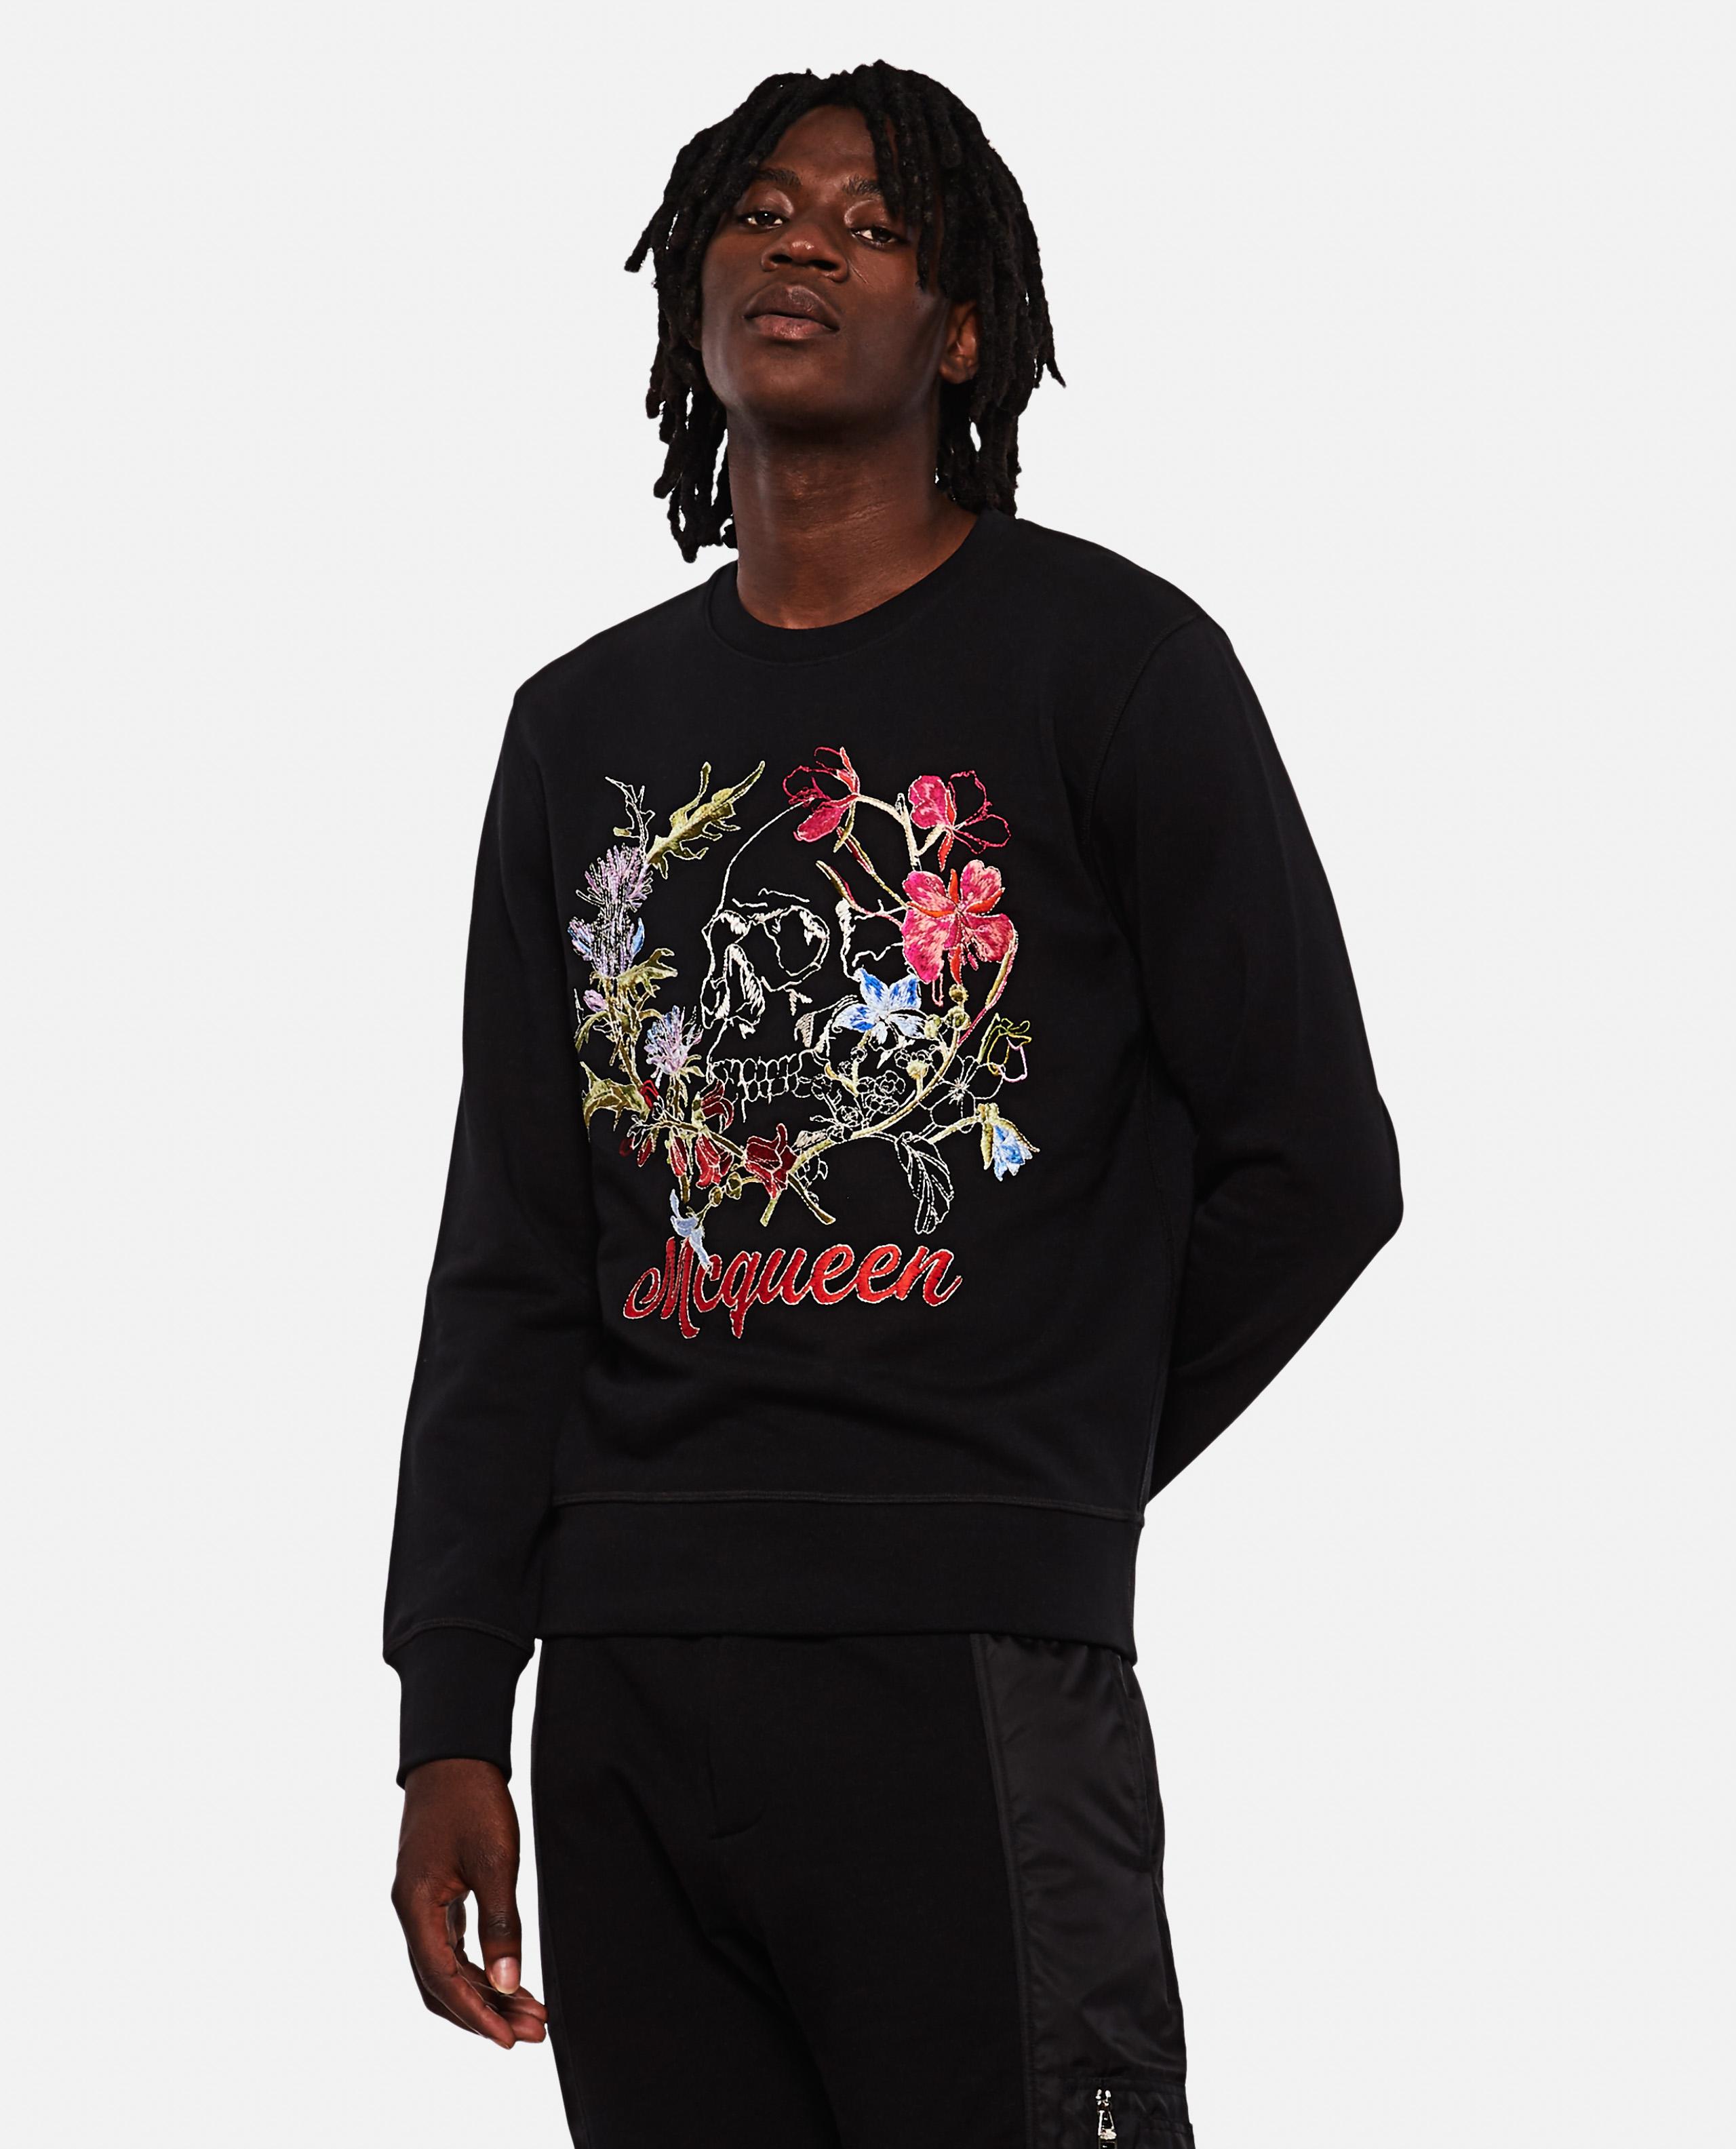 'Graffiti' cotton sweater